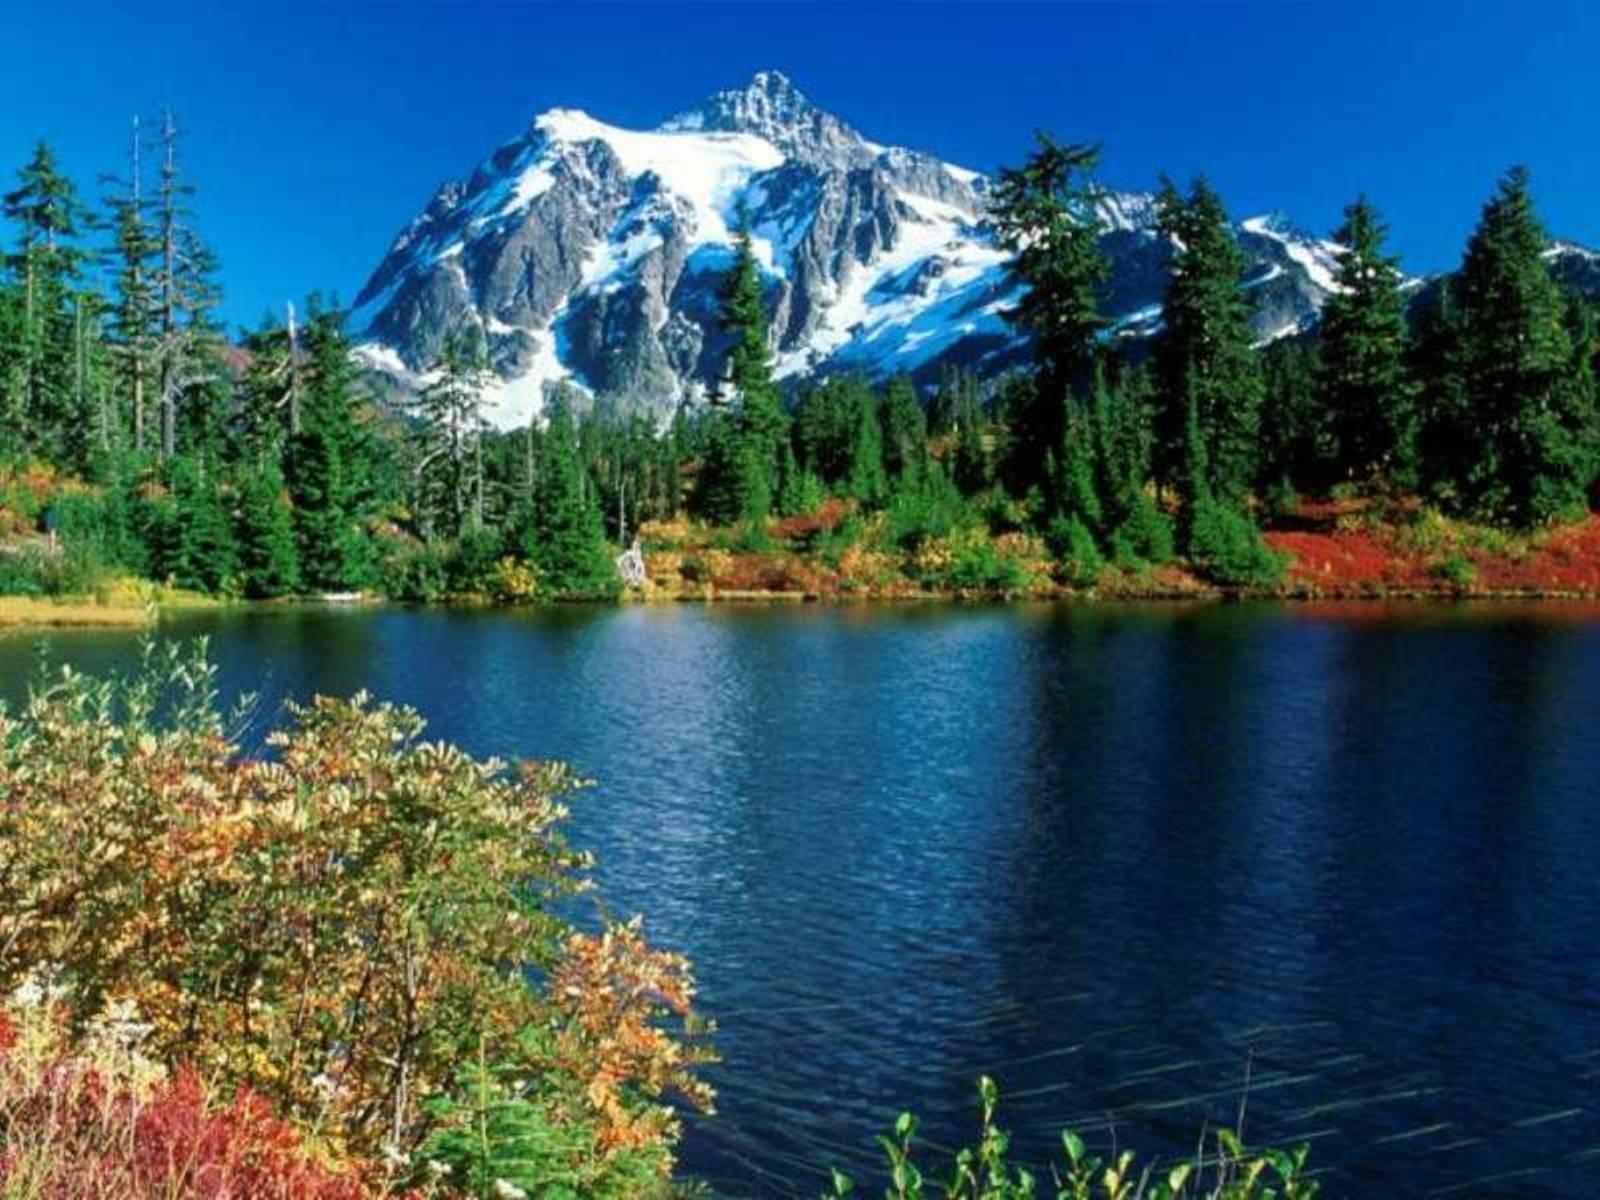 8944 Заставки и Обои Озера на телефон. Скачать Пейзаж, Озера, Деревья, Горы картинки бесплатно